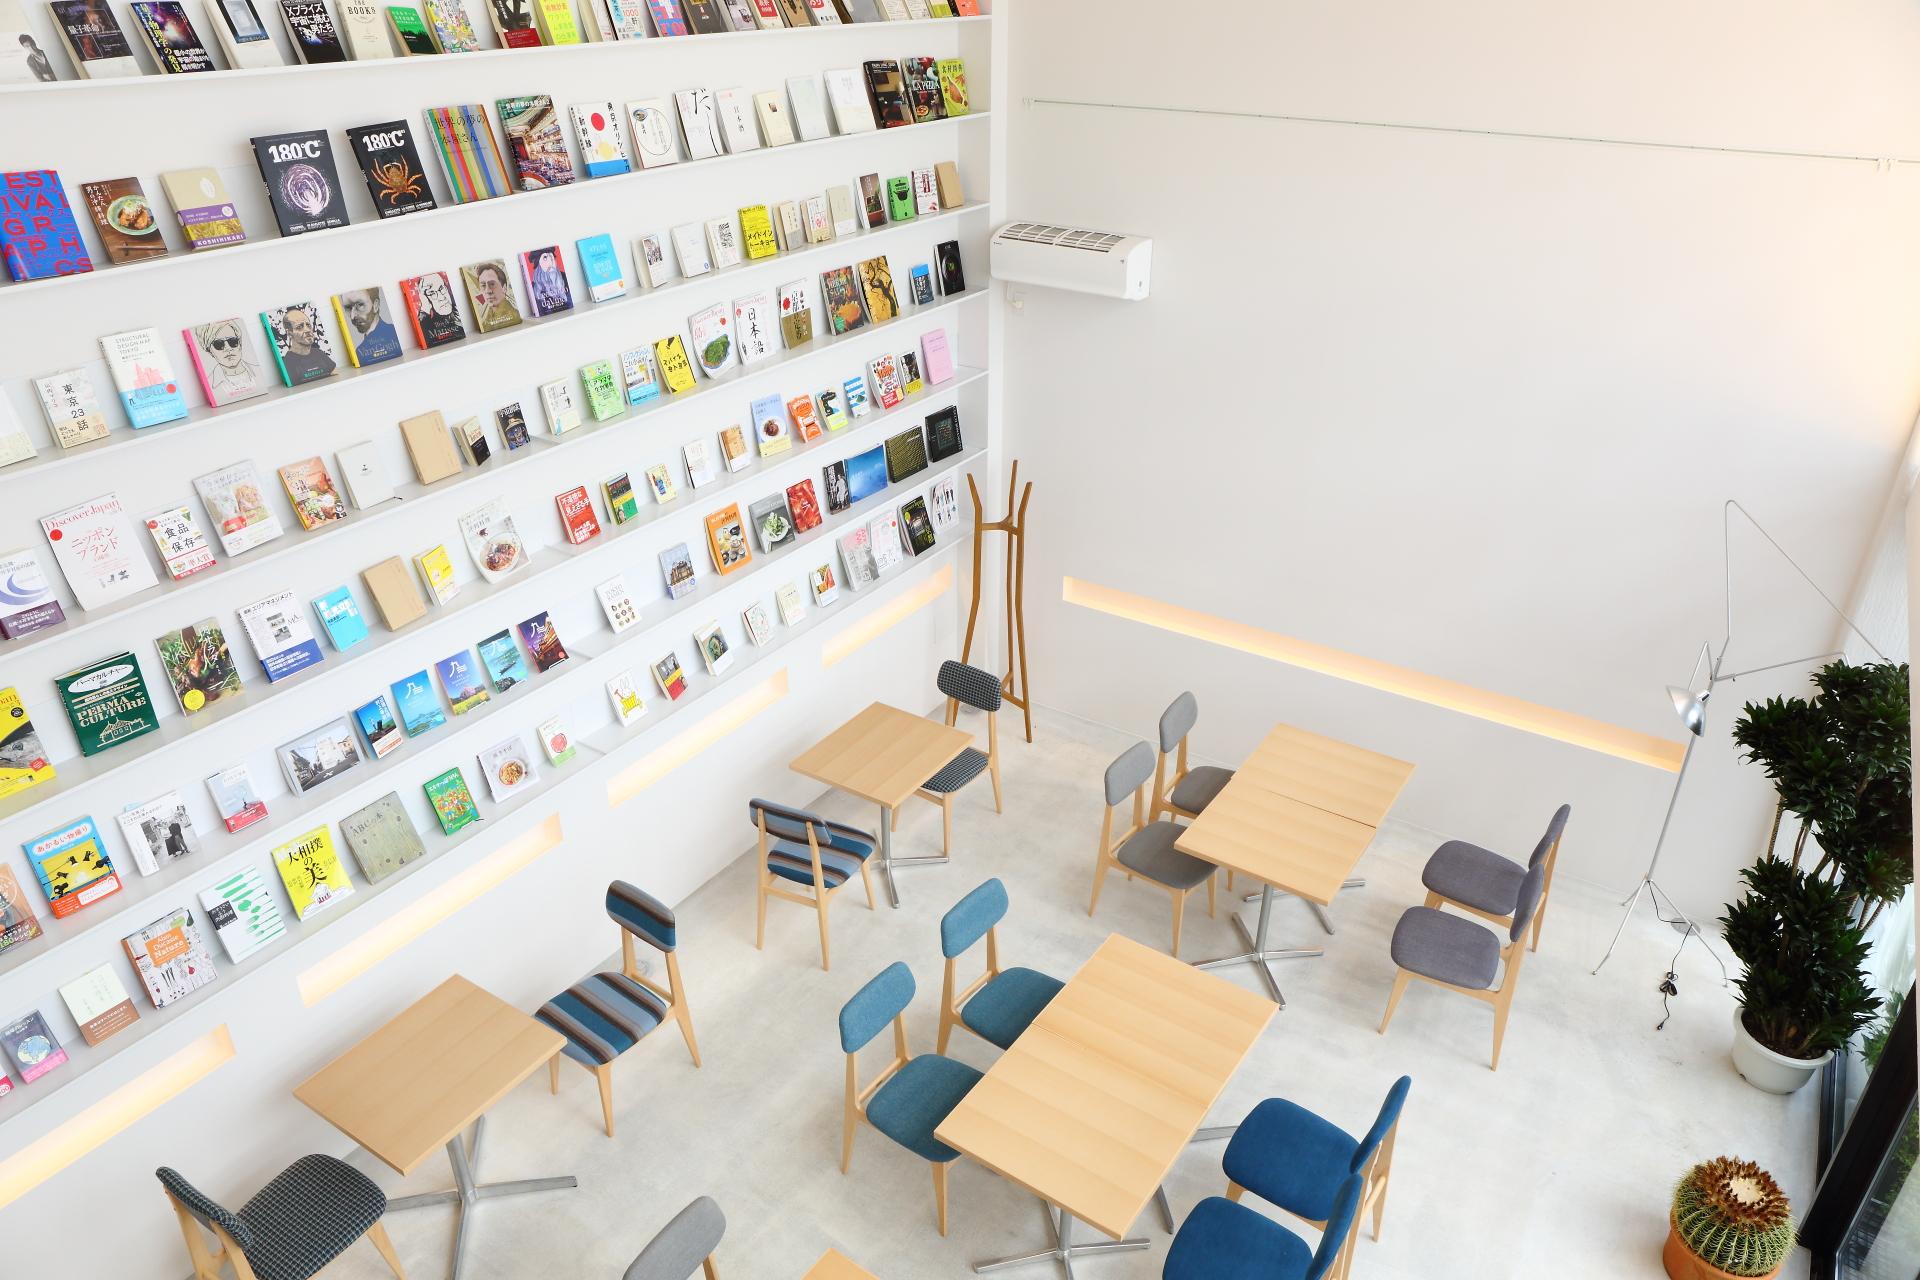 日本橋浜町にブックカフェと多彩なイベントが開催される「Hama House」オープン